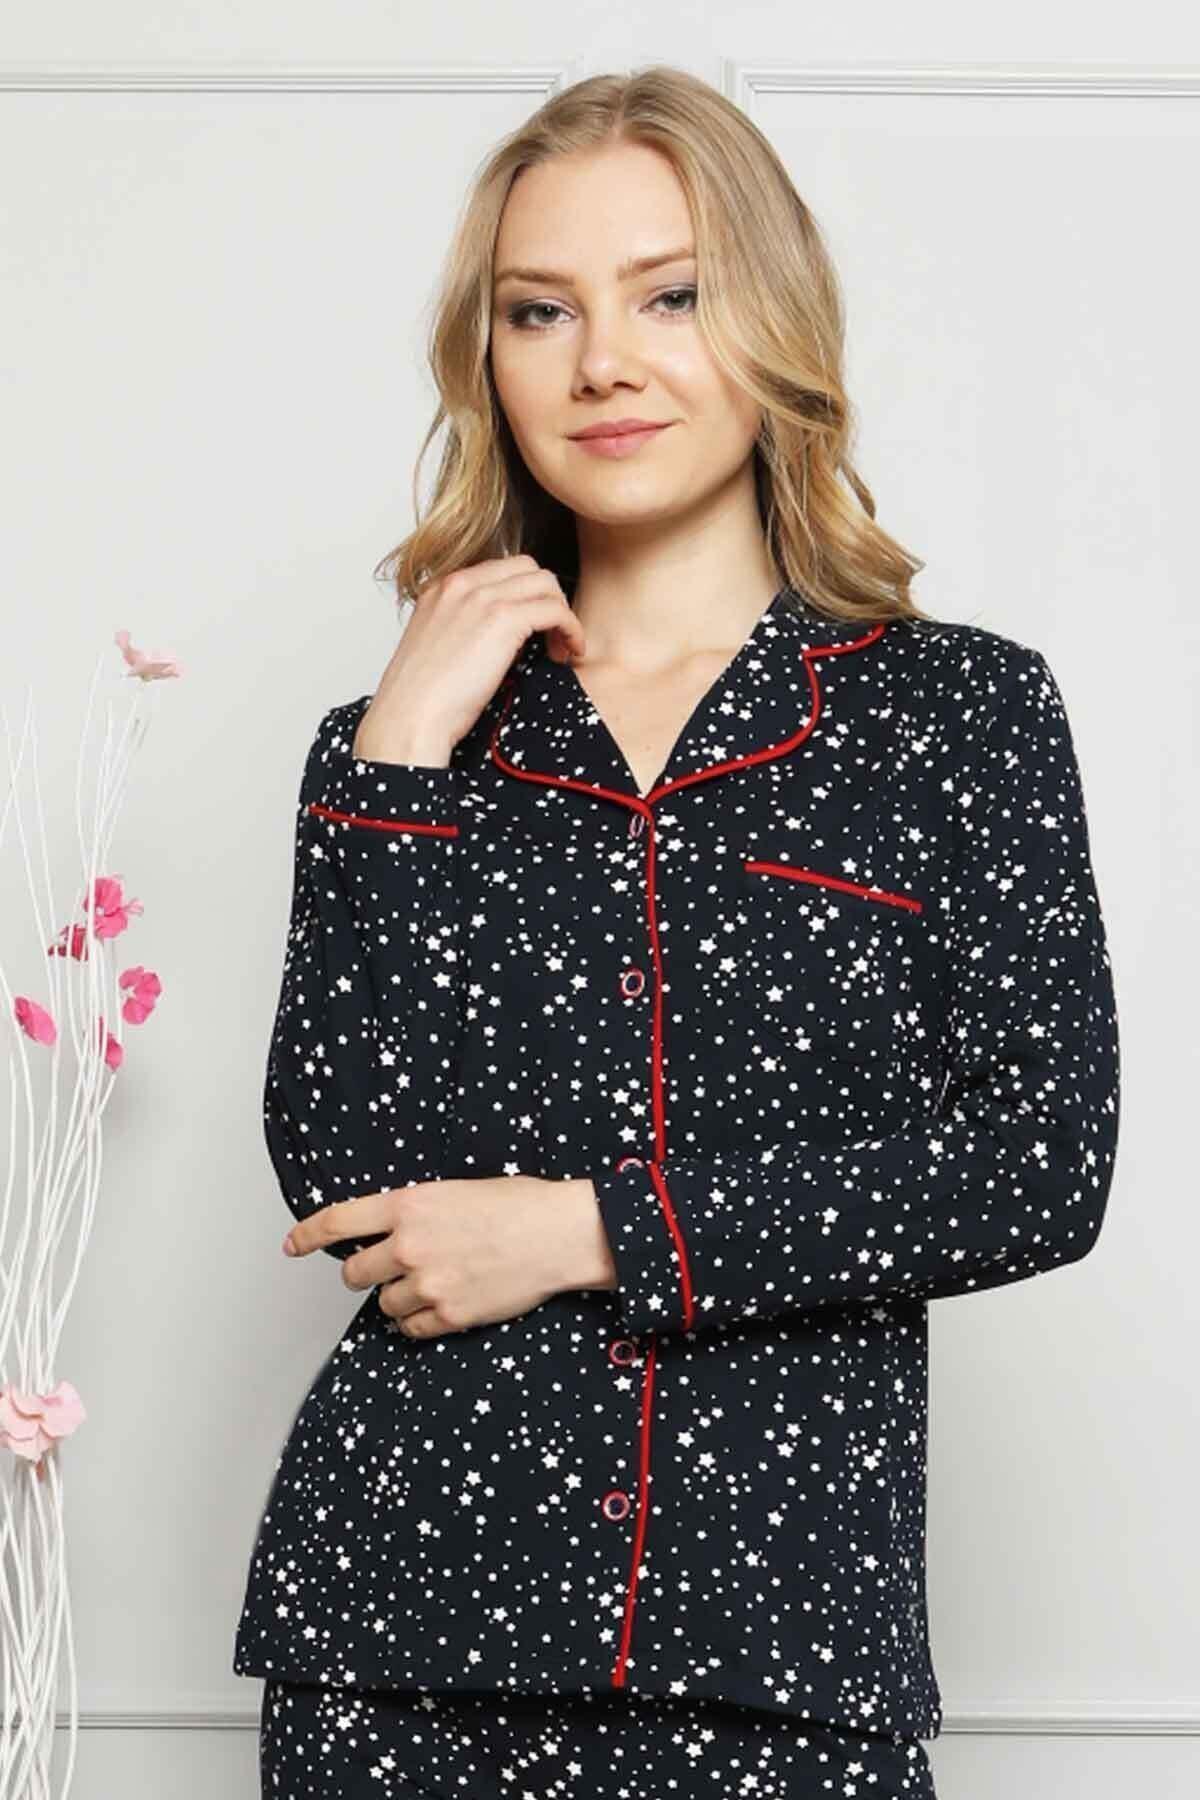 ALİMER Kadın Kırmızı Biyeli Yıldız Desenli Önden Düğmeli Kadın Pijama Takımı - 2536uk 1